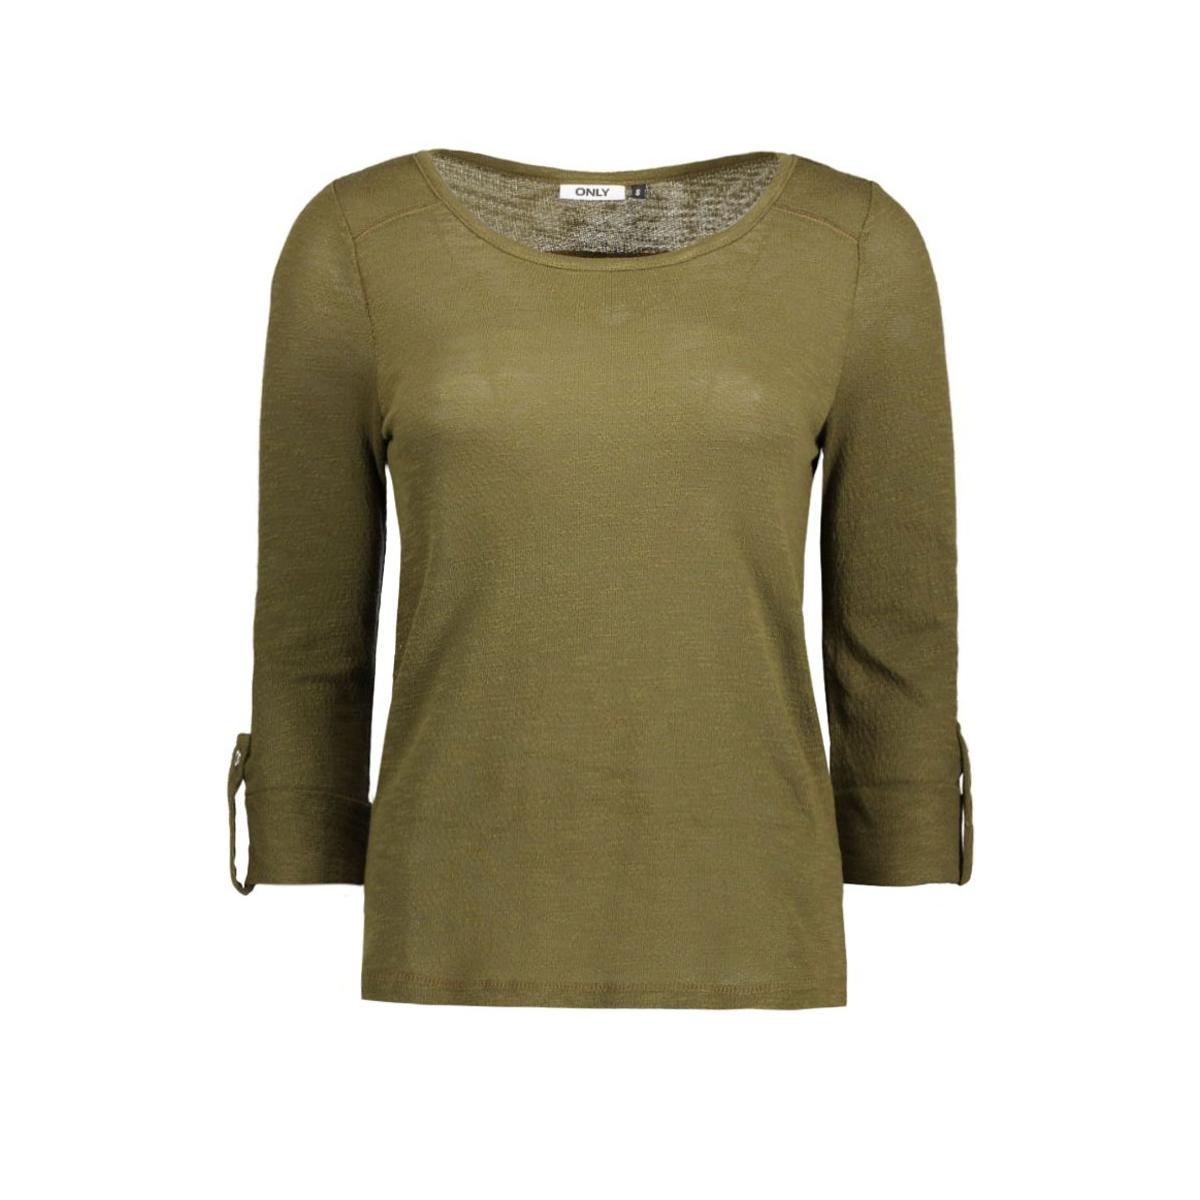 onljess 3/4 top jrs noos 15096632 only t-shirt dark olive